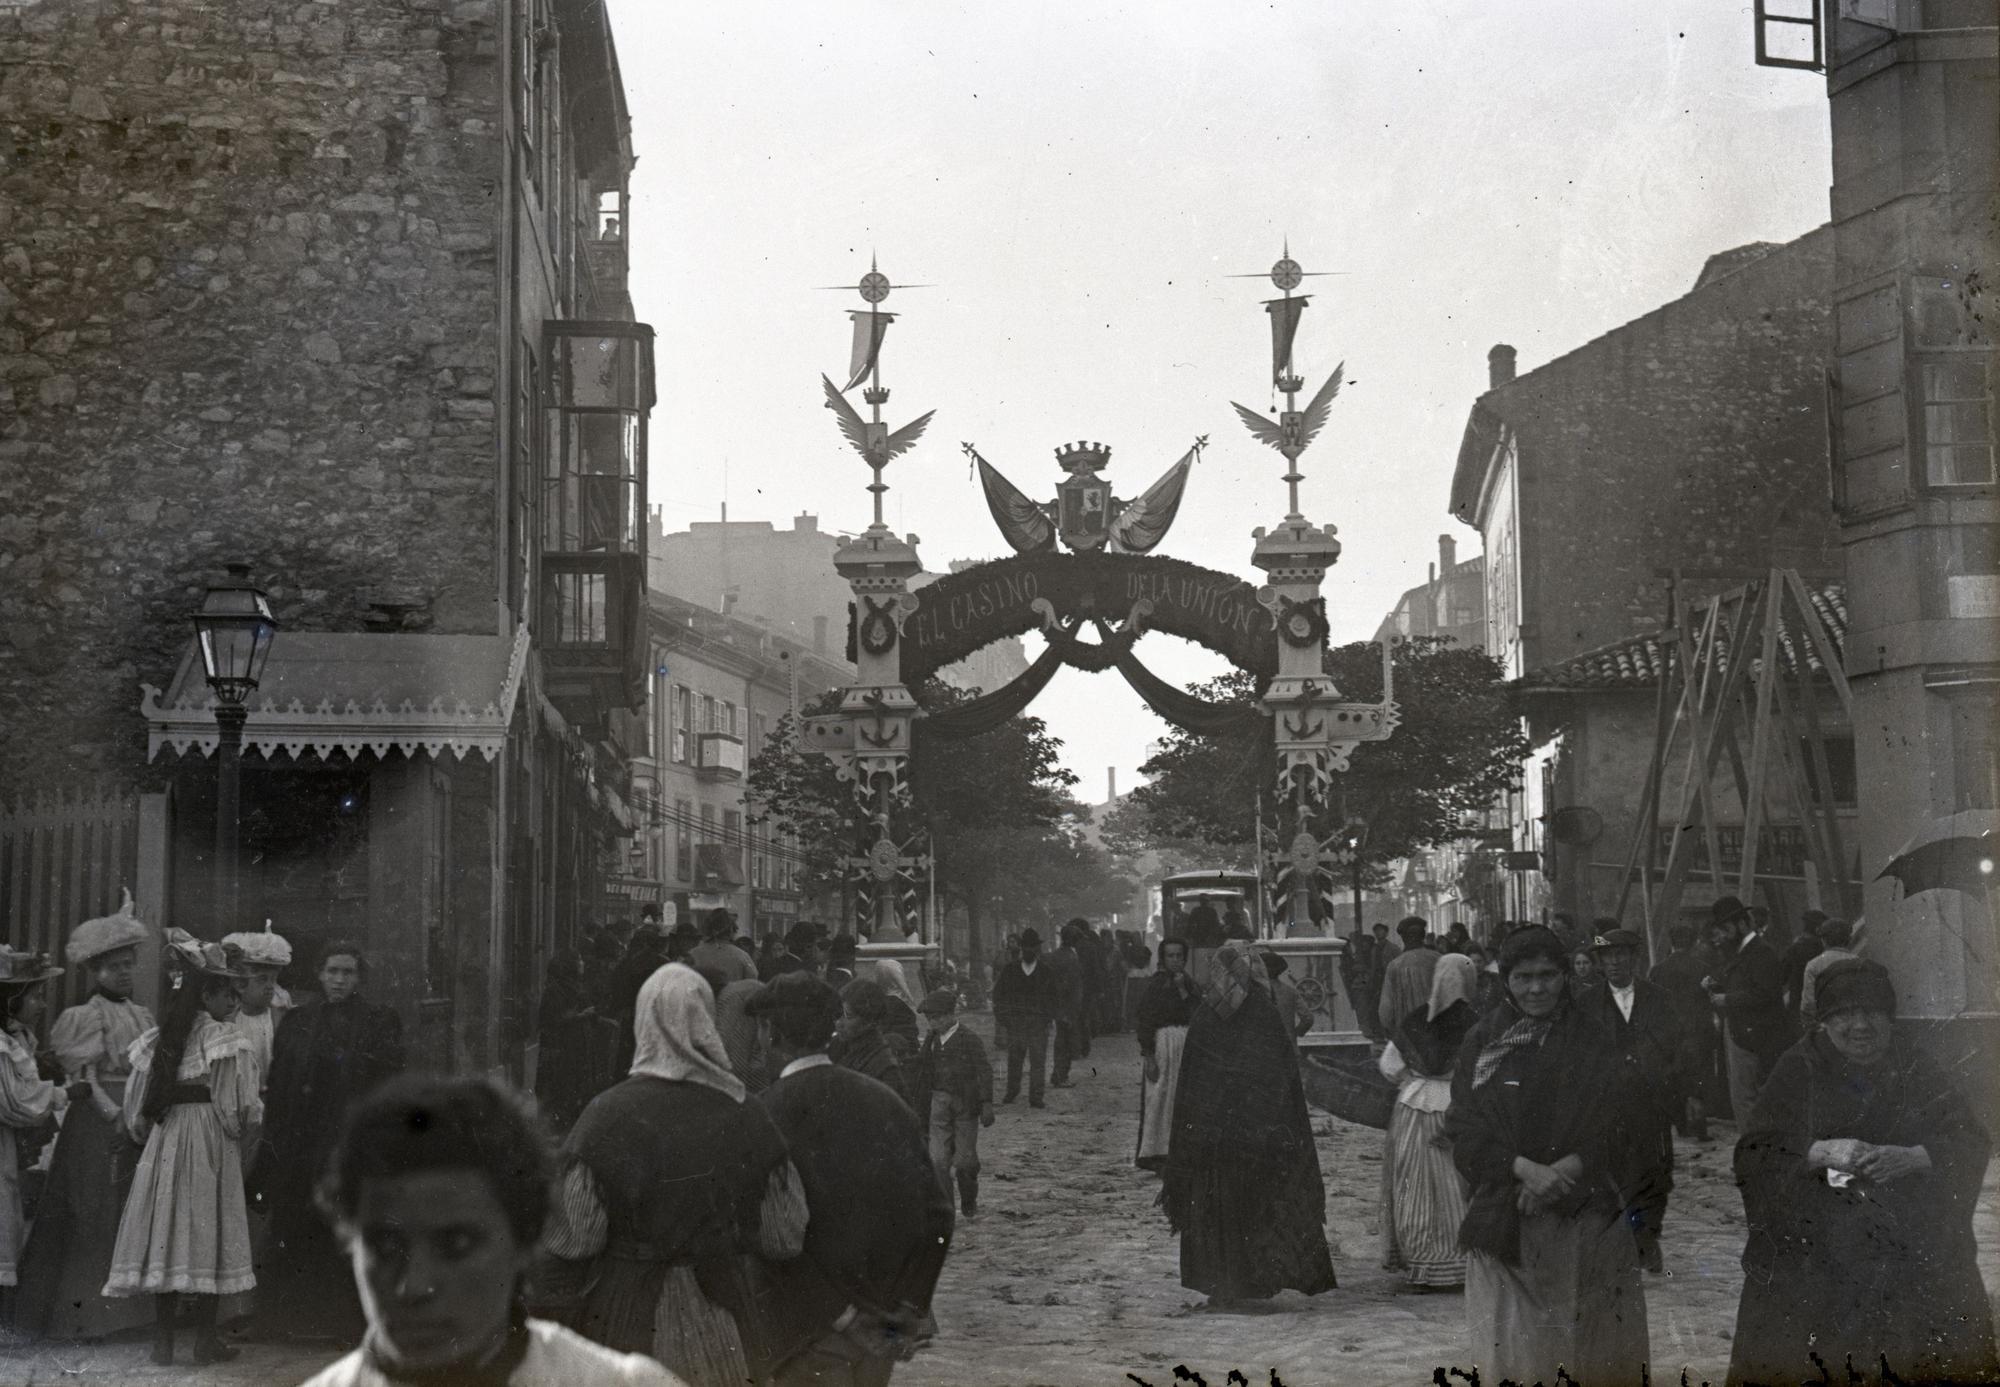 Justo del Castillo y Quintana, Arco de triunfo en la calle Corrida levantado por el Casino de la Uni�n, 1896.jpg